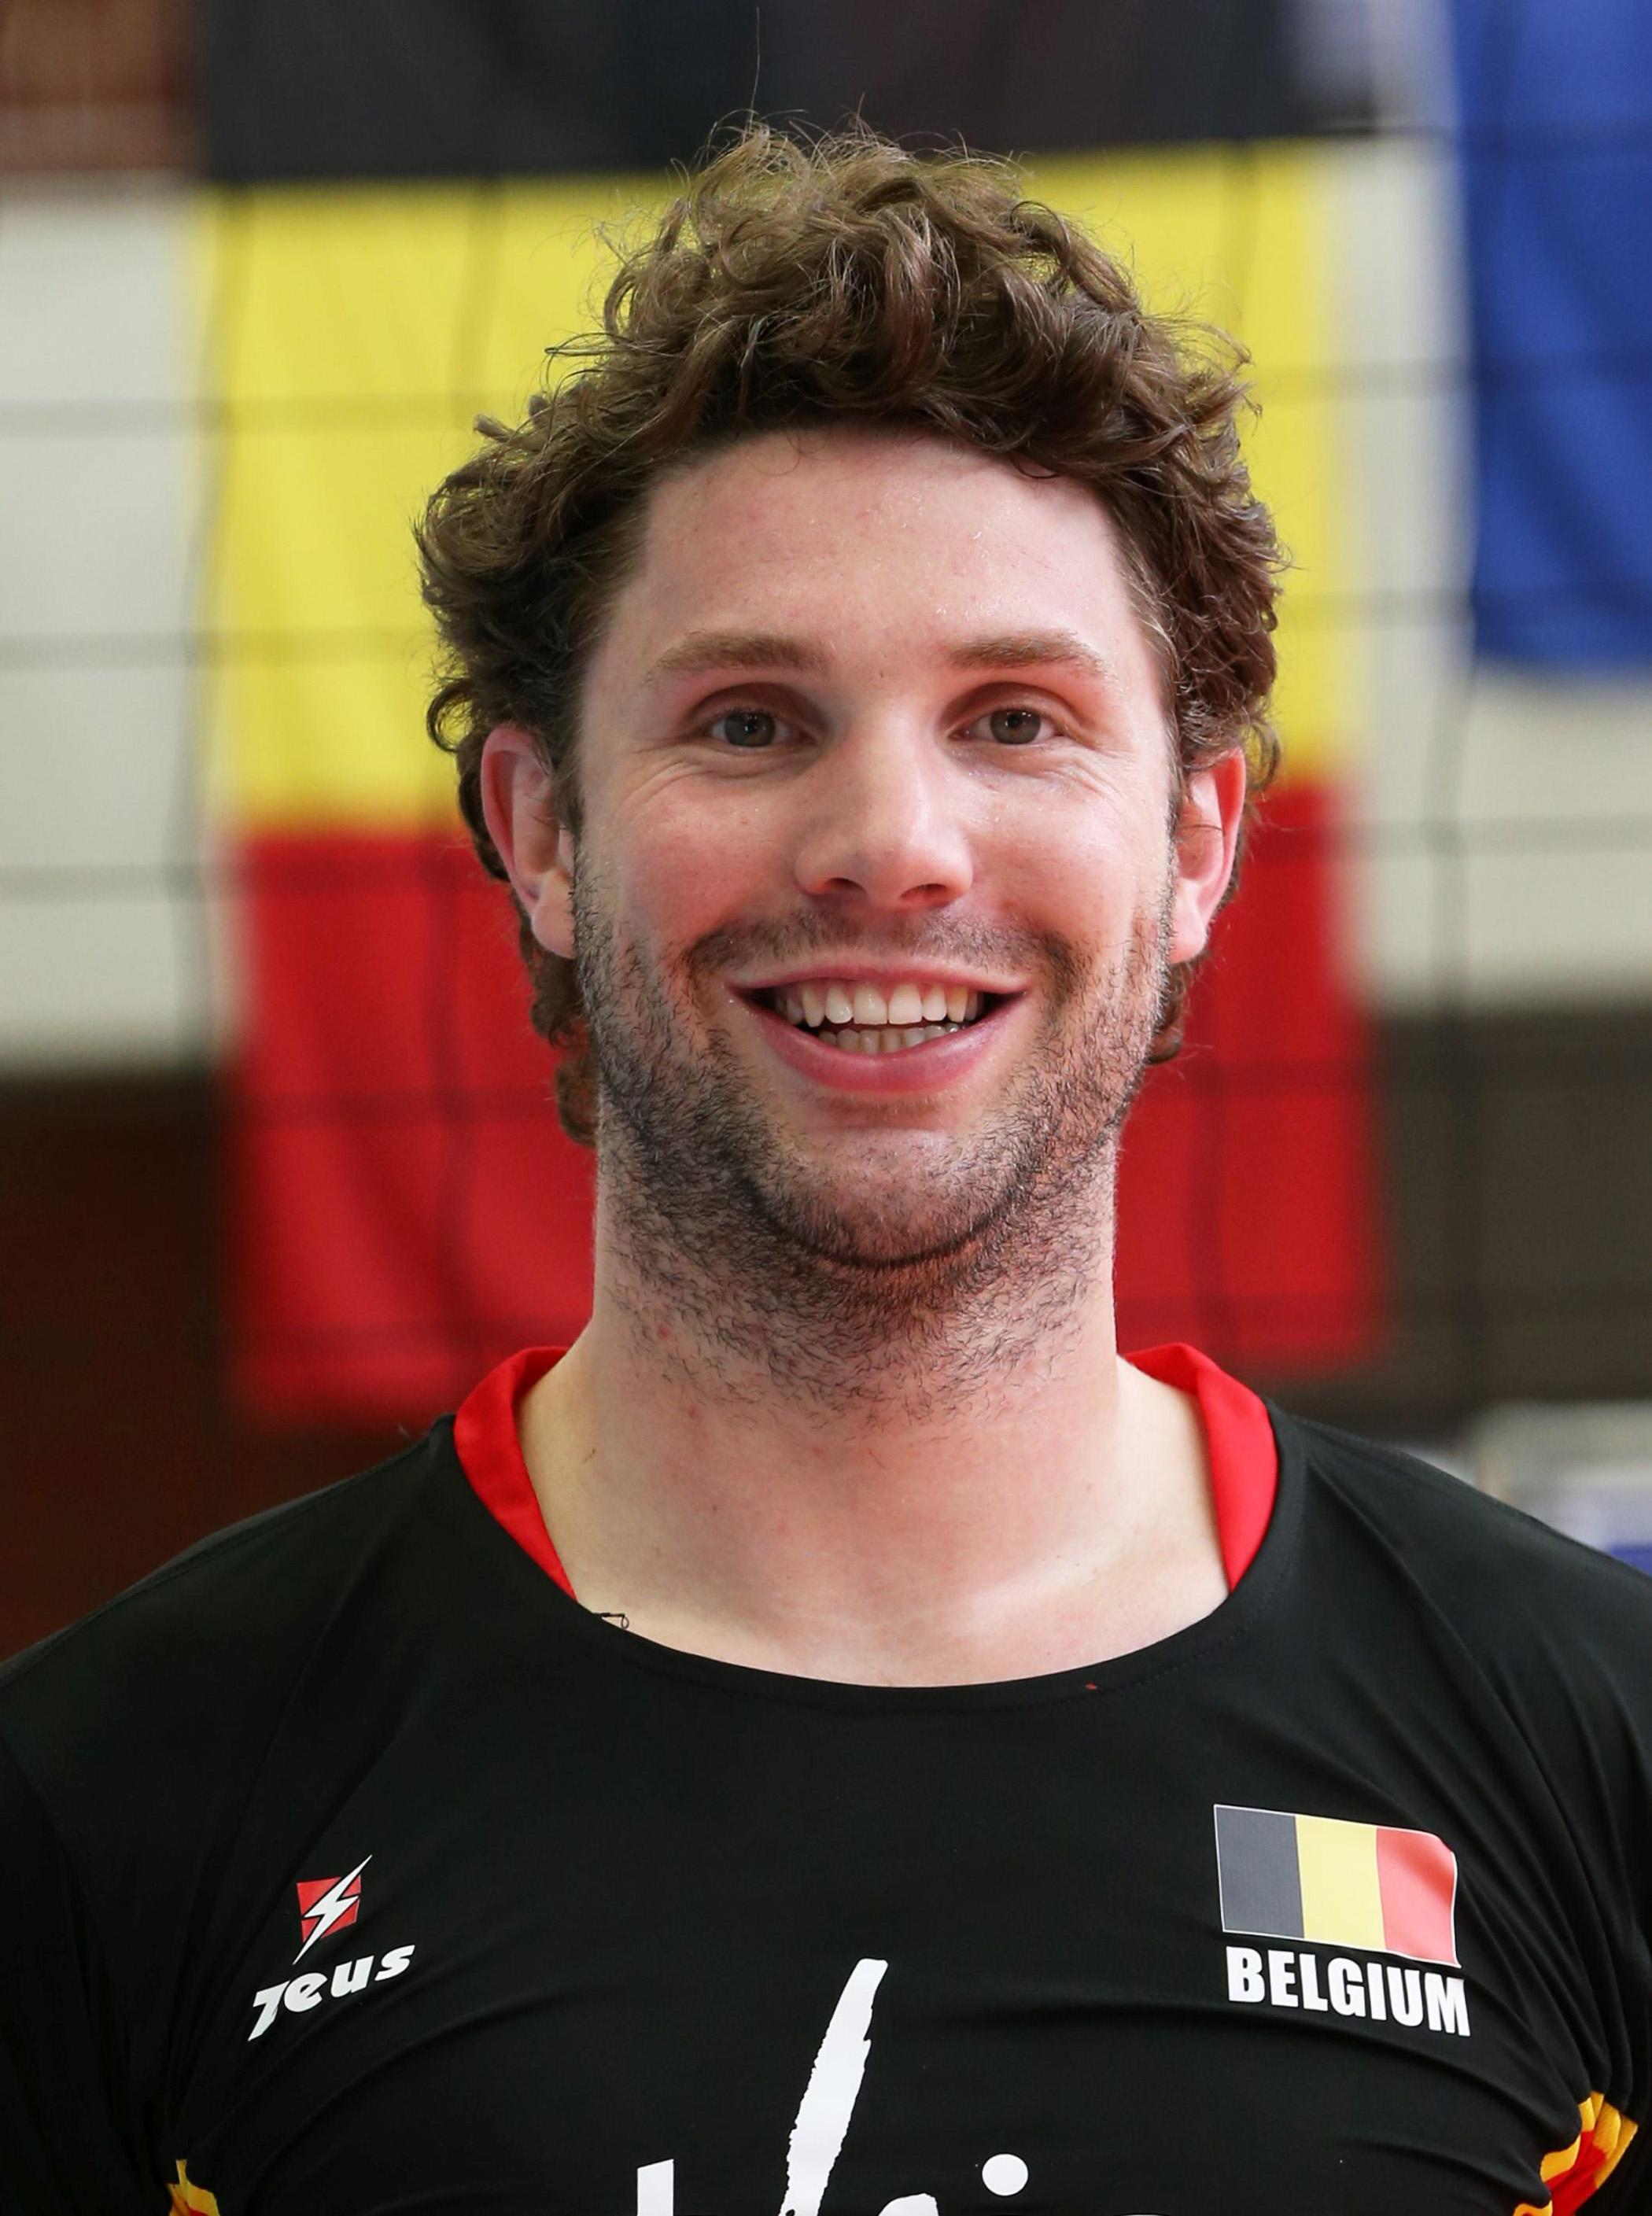 Bert Derkoningen